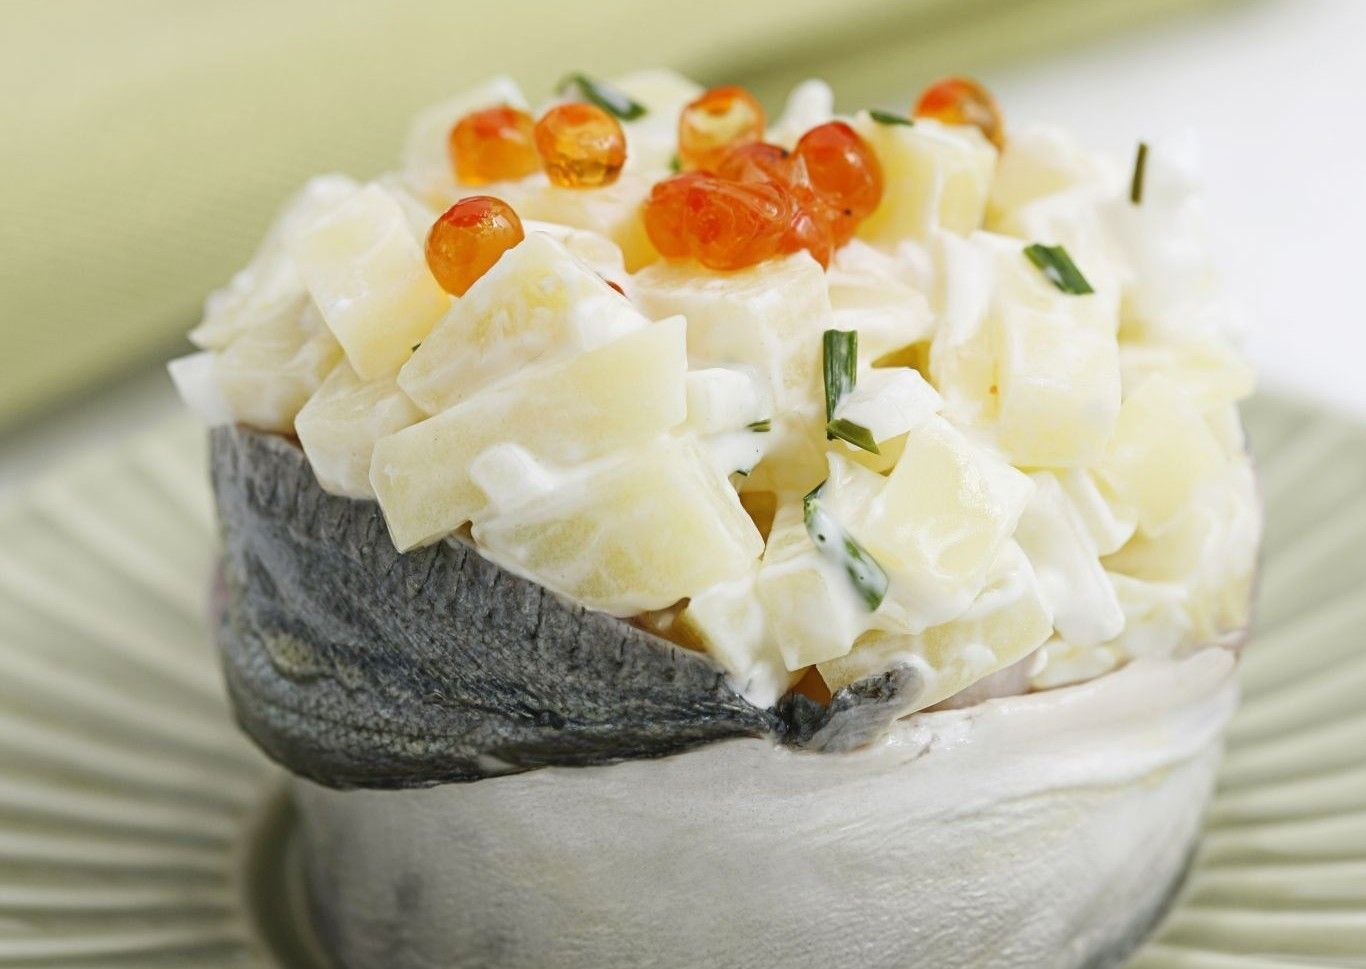 Patata Porner ensalada de chicharro patatas y huevas de salmón